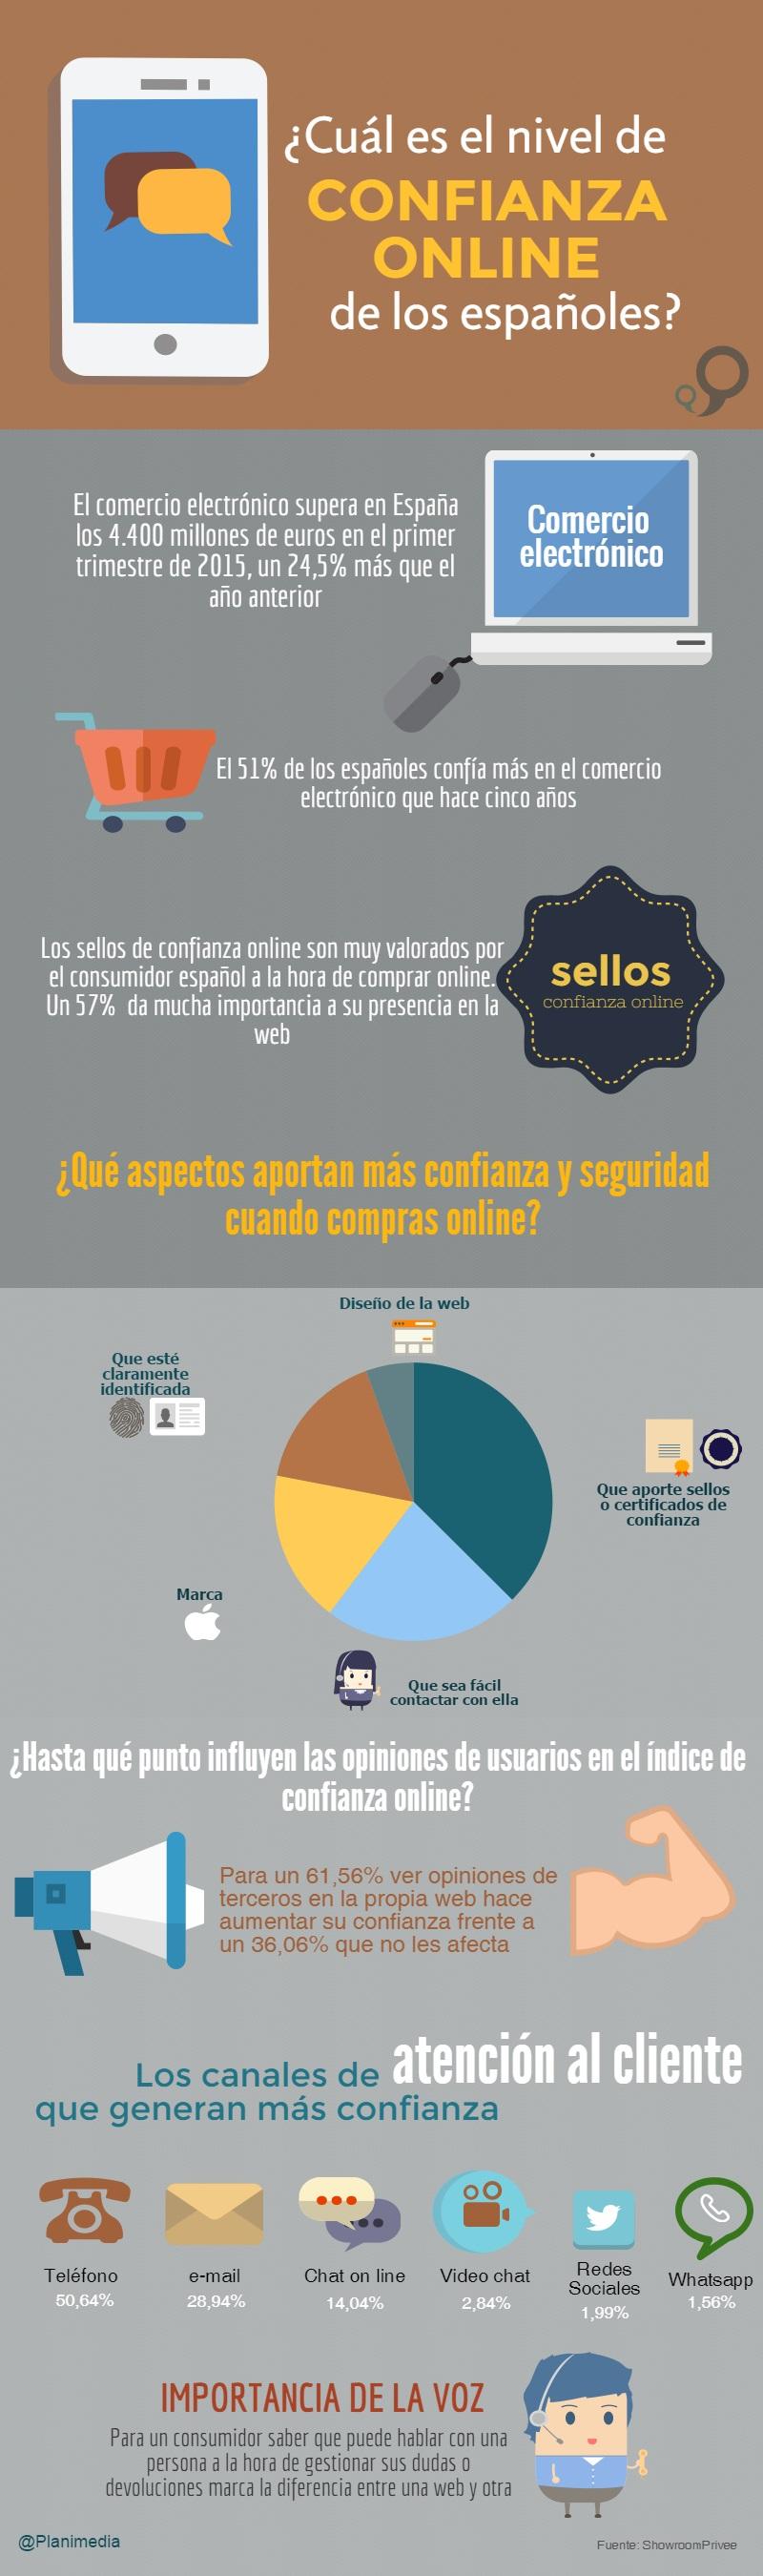 ¿Cuál es el nivel de confianza online de los españoles?